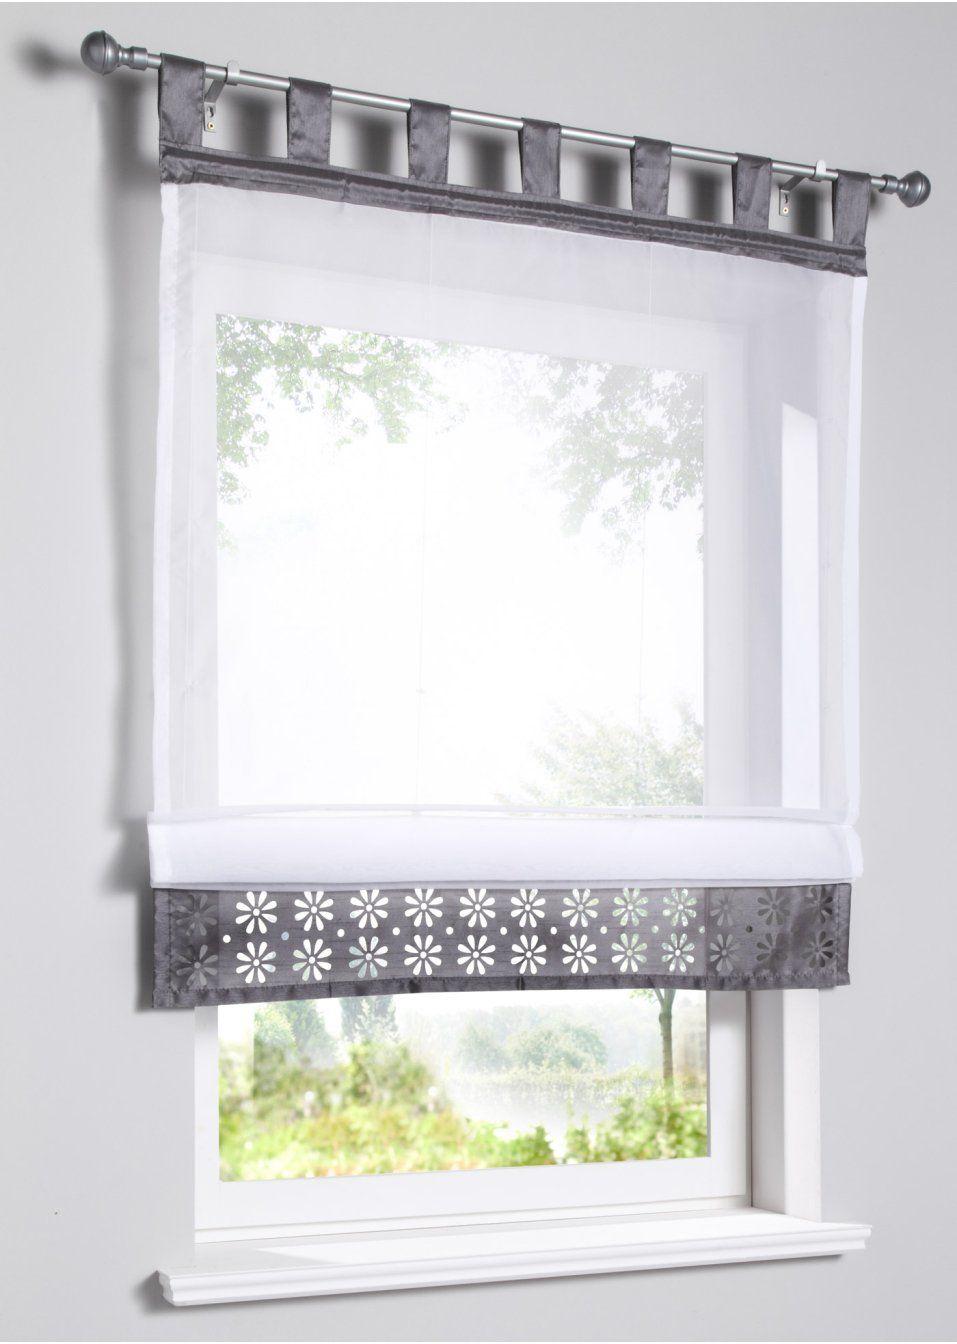 Susse Hose Mit Auto Motiv Hellgrau Meliert Vorhang Gestaltung Kuchenfenster Gardinen Fensterdekoration